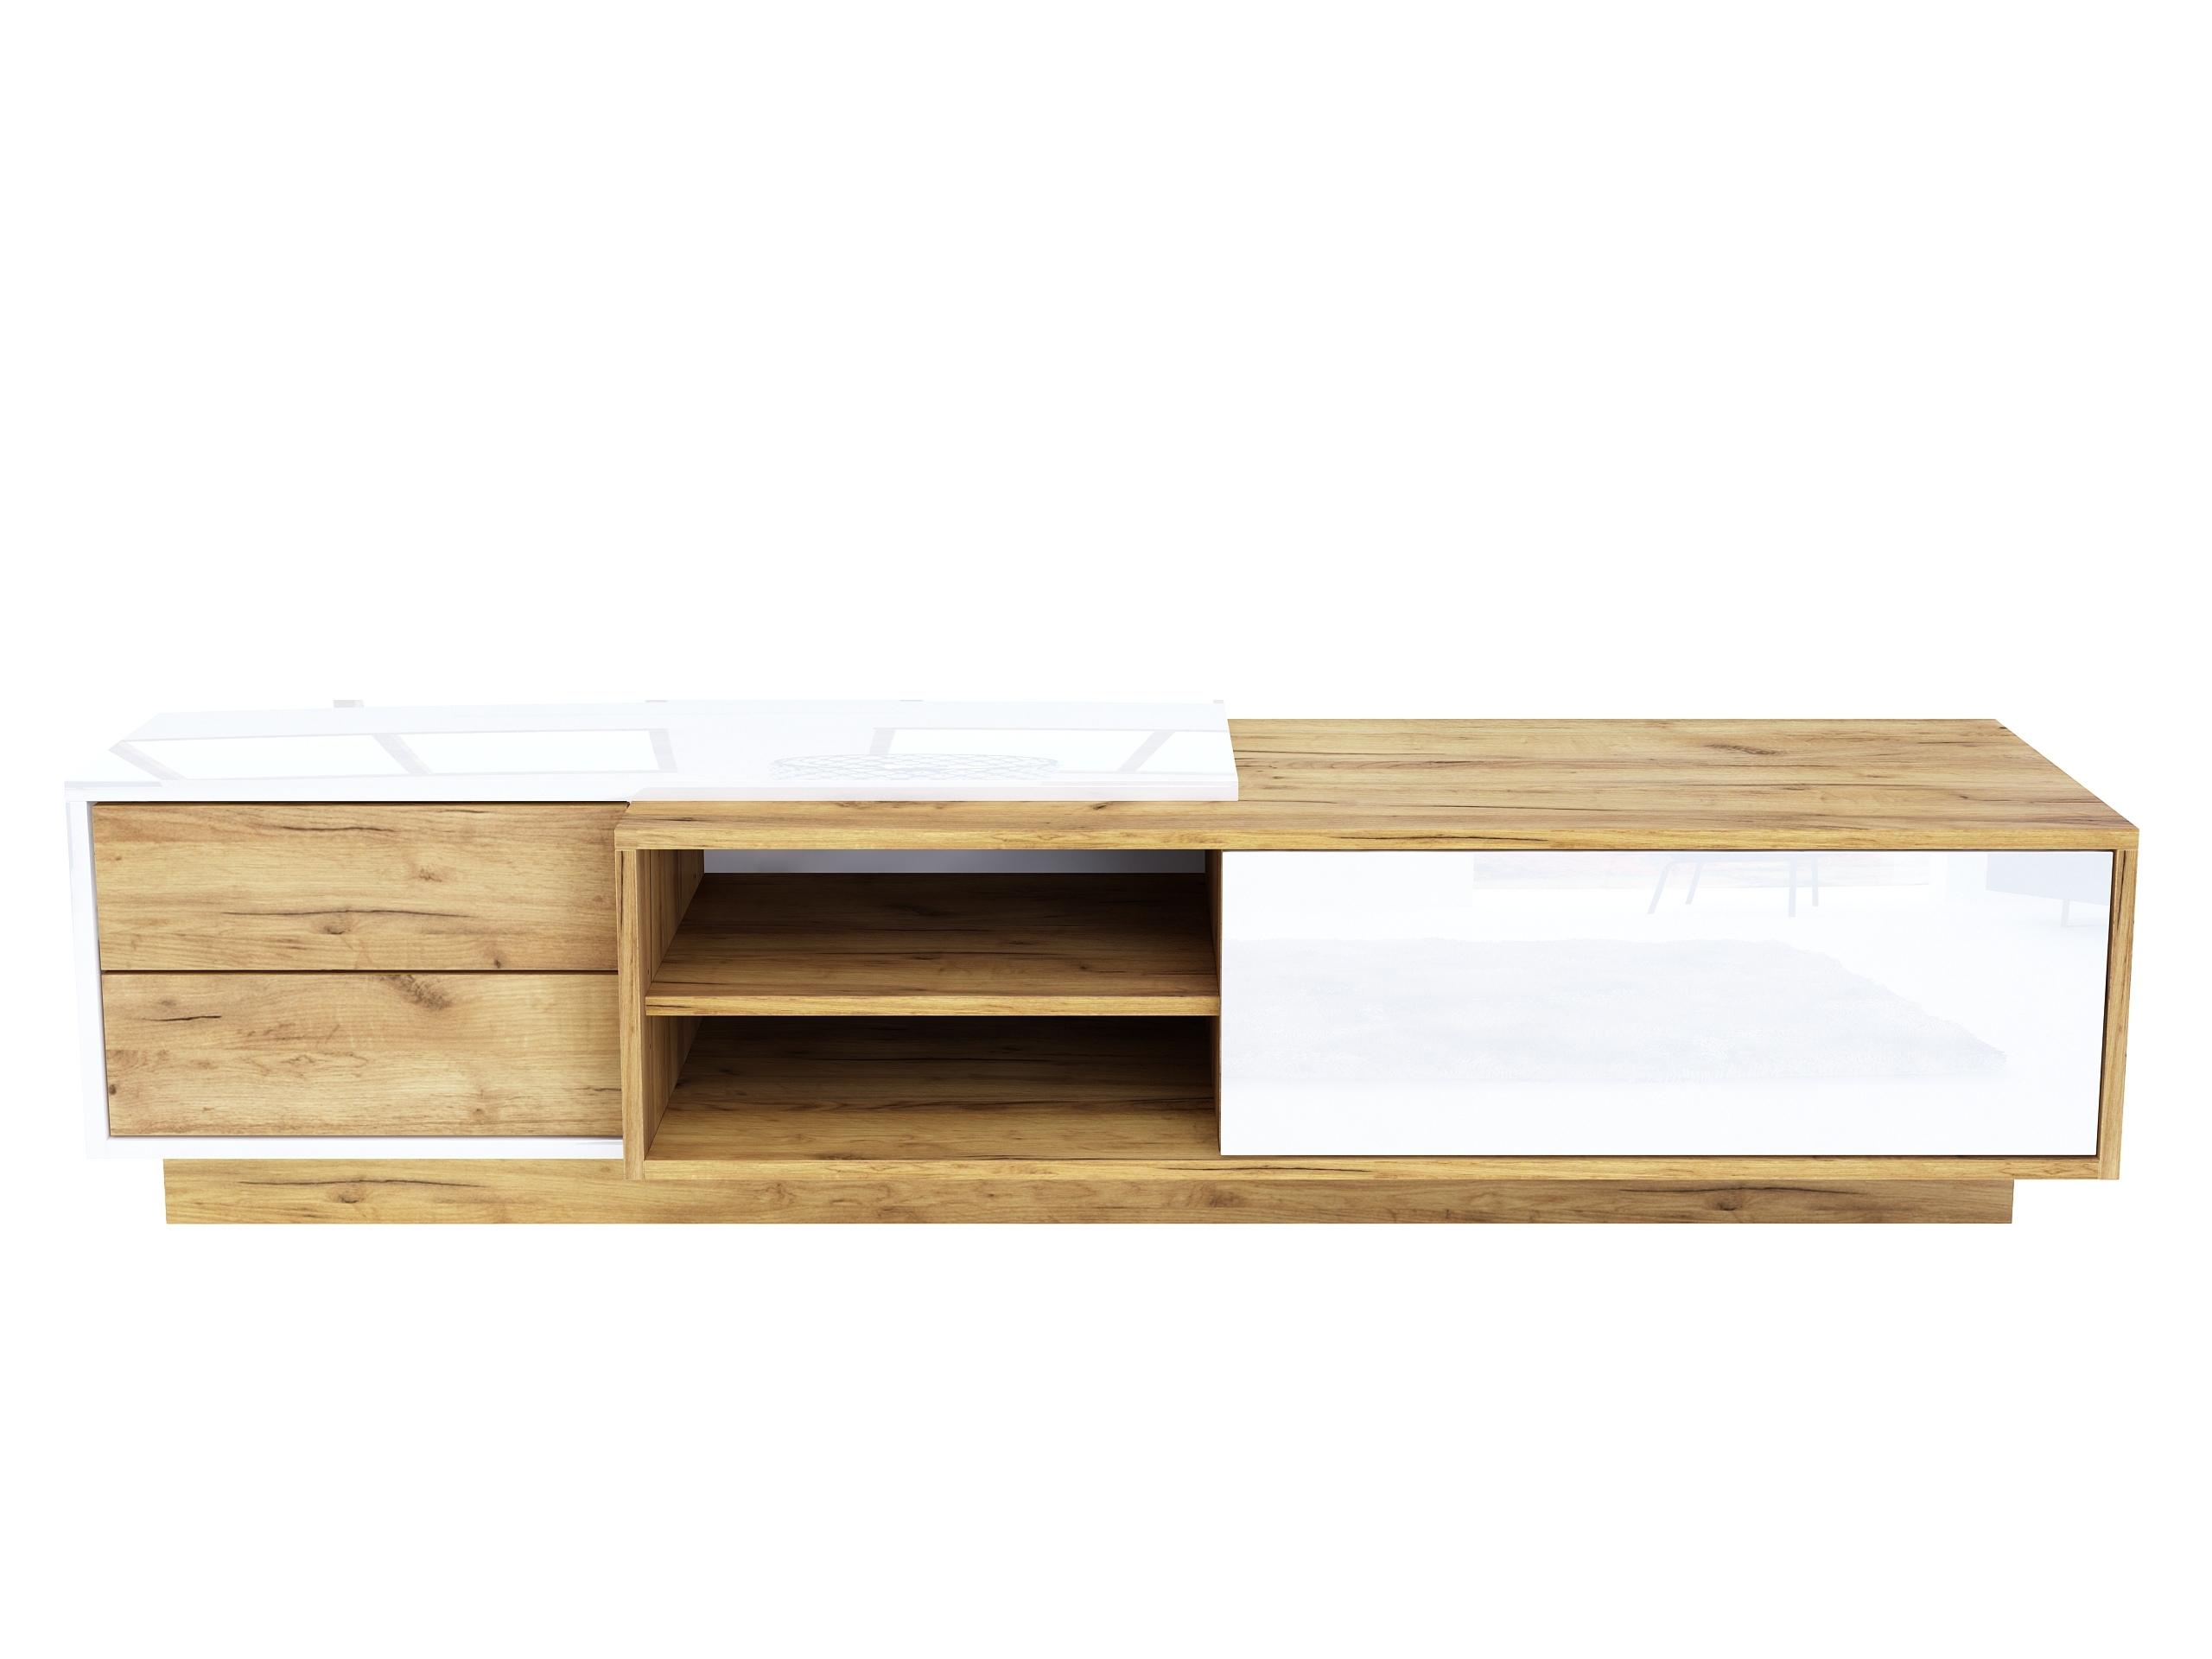 Szafka rtv Diadema 180cm, dąb złoty, biały wysoki połysk